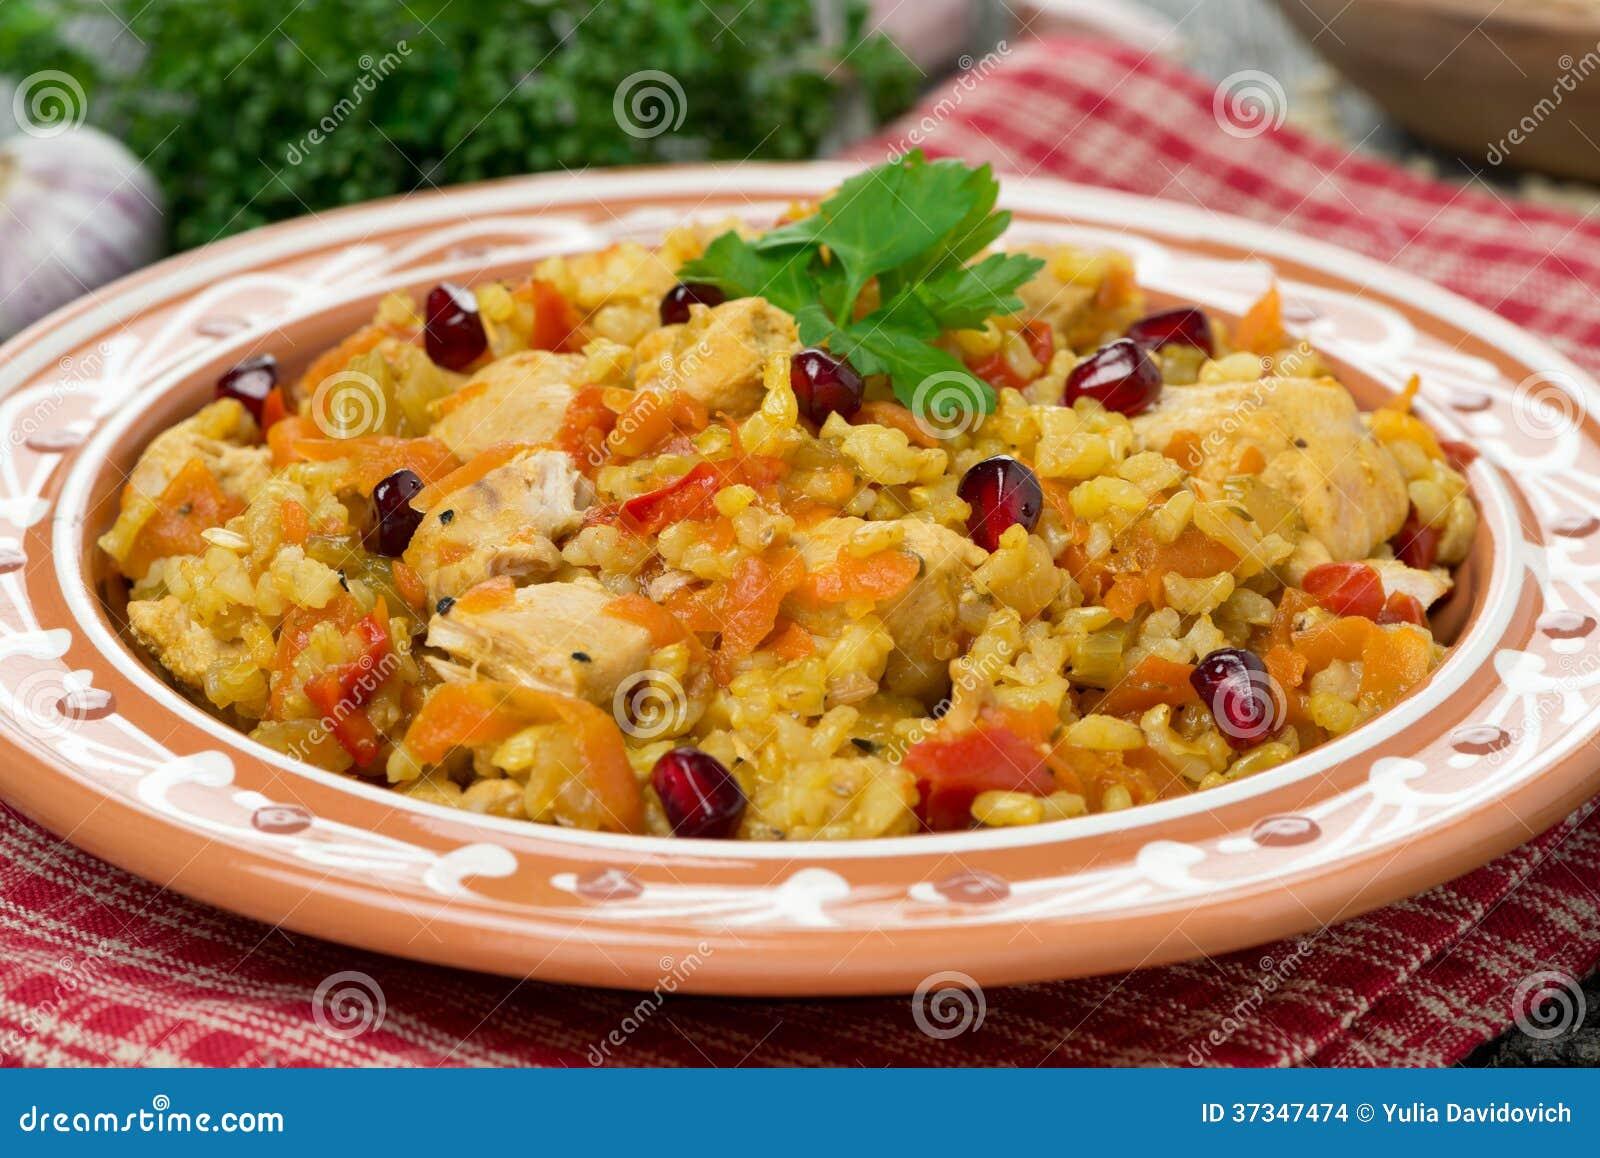 Pilaff med grönsaker, höna och granatäpplet, närbild